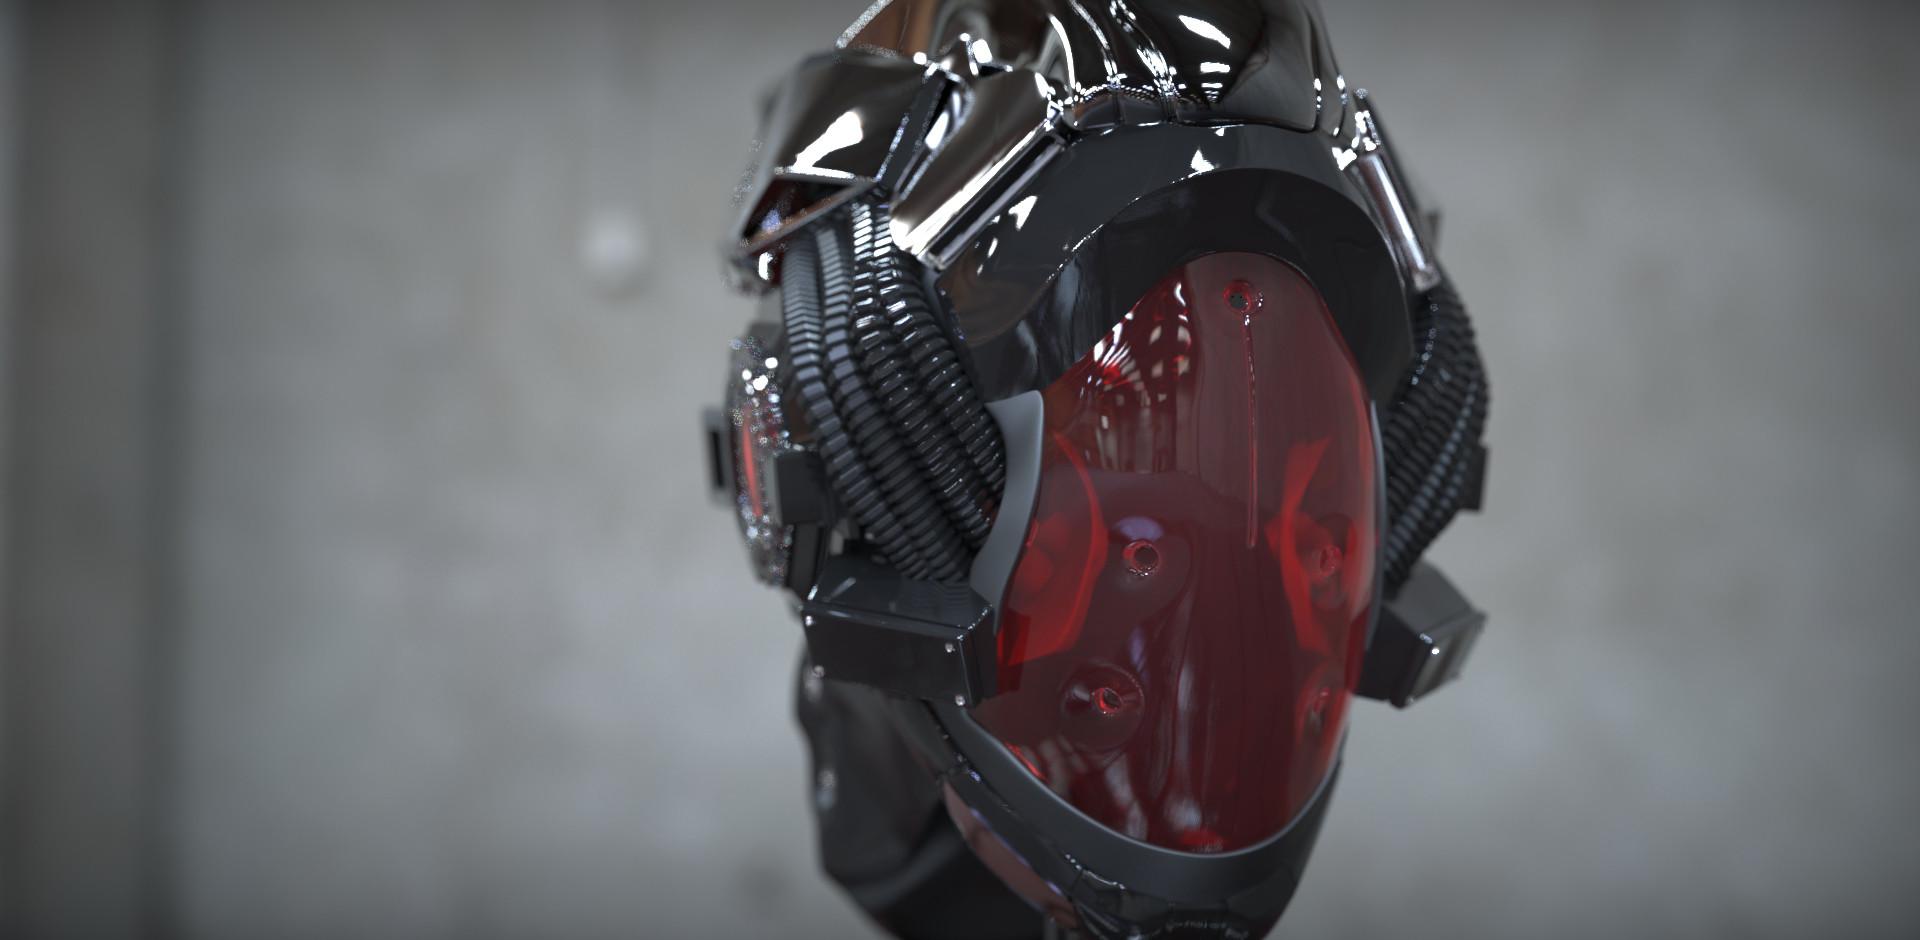 Brandon pham 05 helmet